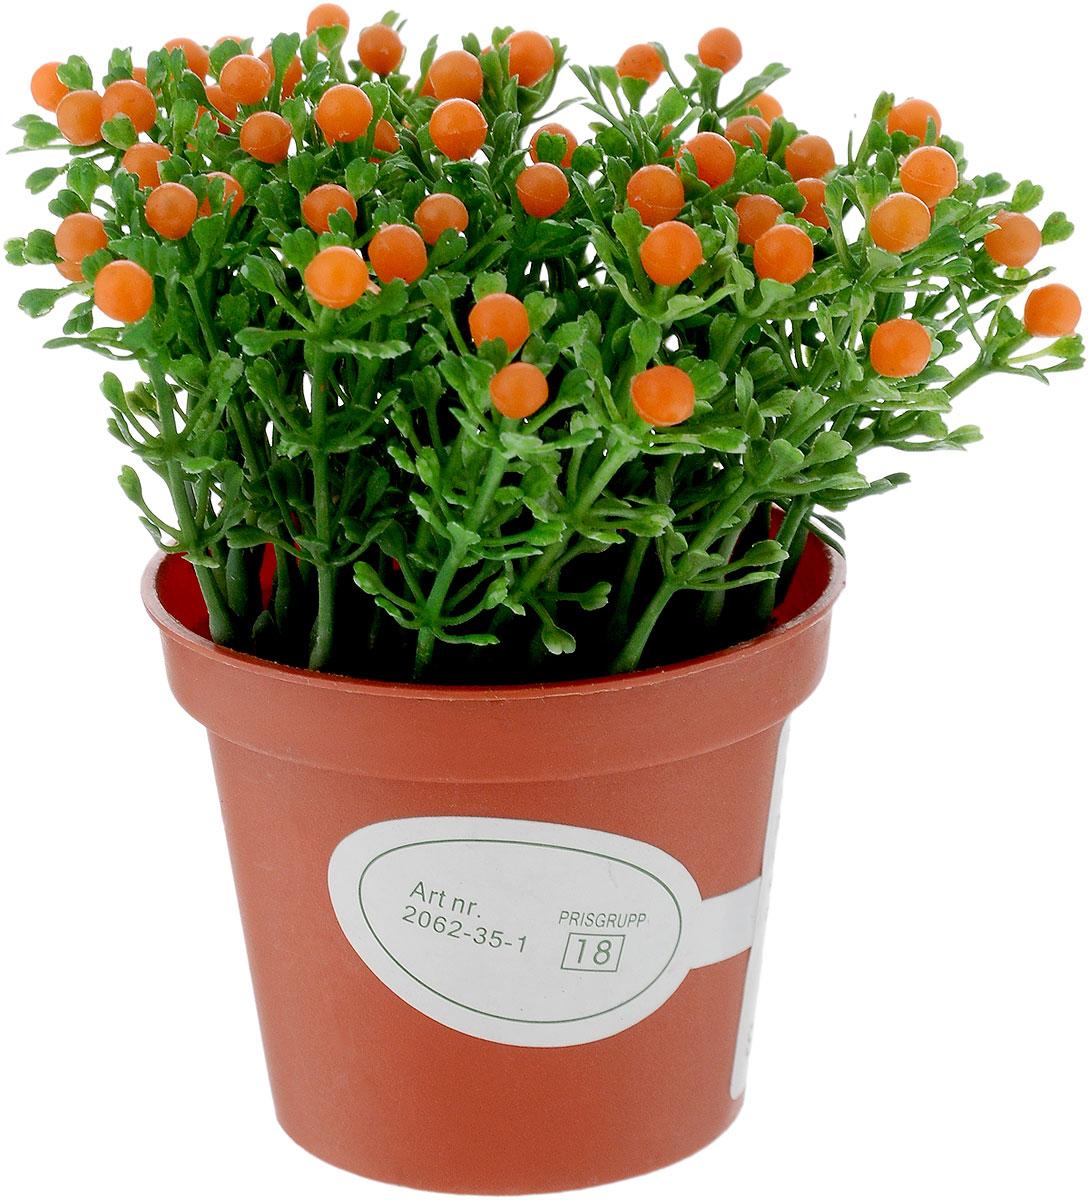 Растение искусственное для мини-сада Bloom`its, высота 11,5 см804833_коричневыйИскусственное растение Bloom`its поможет создать свой собственный мини-сад. Заниматься ландшафтным дизайном и декором теперь можно, даже если у вас нет своего загородного дома, причем не выходя из дома. Устройте себе удовольствие садовода, собирая миниатюрные фигурки и составляя из них различные композиции. Объедините миниатюрные изделия в емкости (керамический горшок, корзина, деревянный ящик или стеклянная посуда) и добавьте мини-растения. Это не только поможет увлекательно провести время, раскрывая ваше воображение и фантазию, результат работы станет стильным и необычным украшением интерьера.